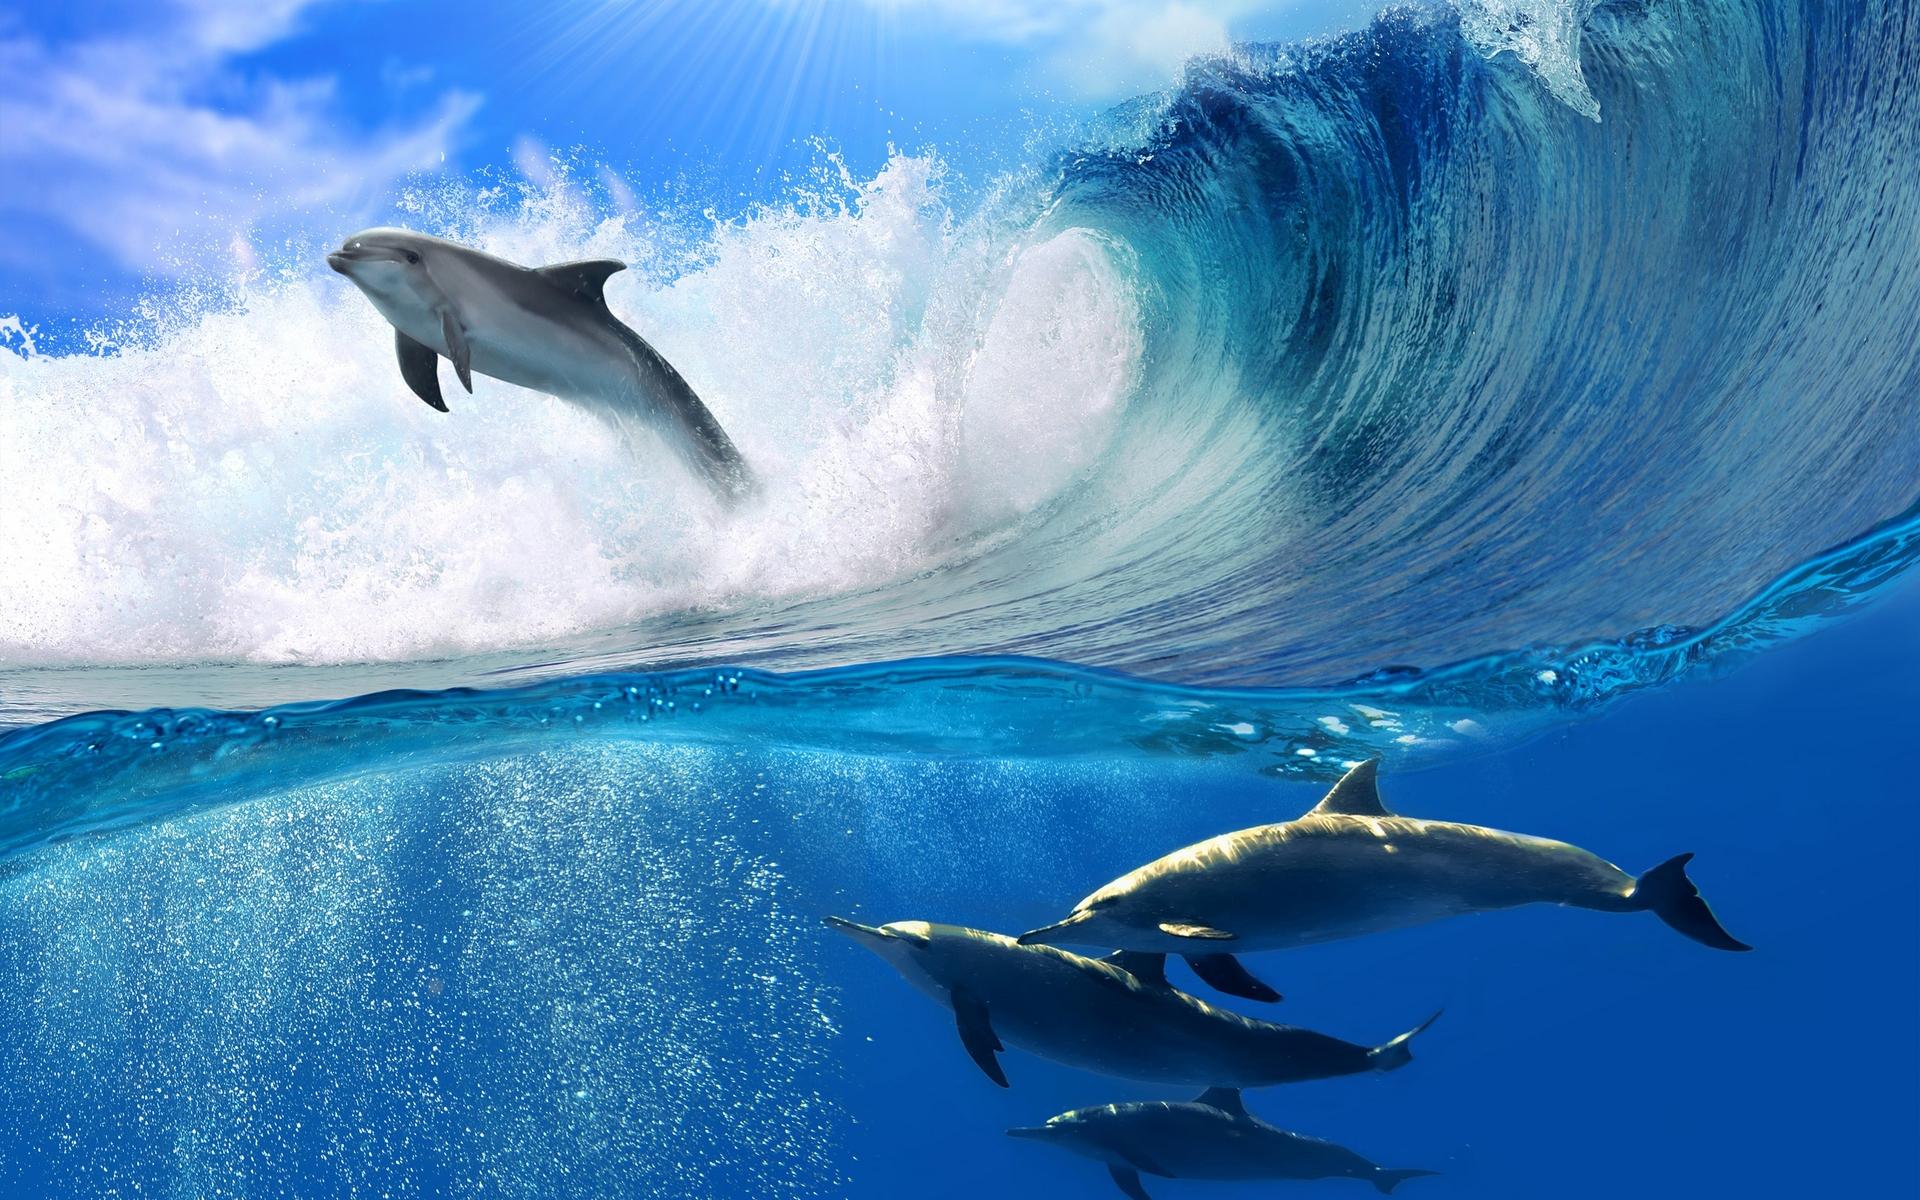 обои широкоформатные на рабочий стол бесплатно море и дельфины № 217033  скачать